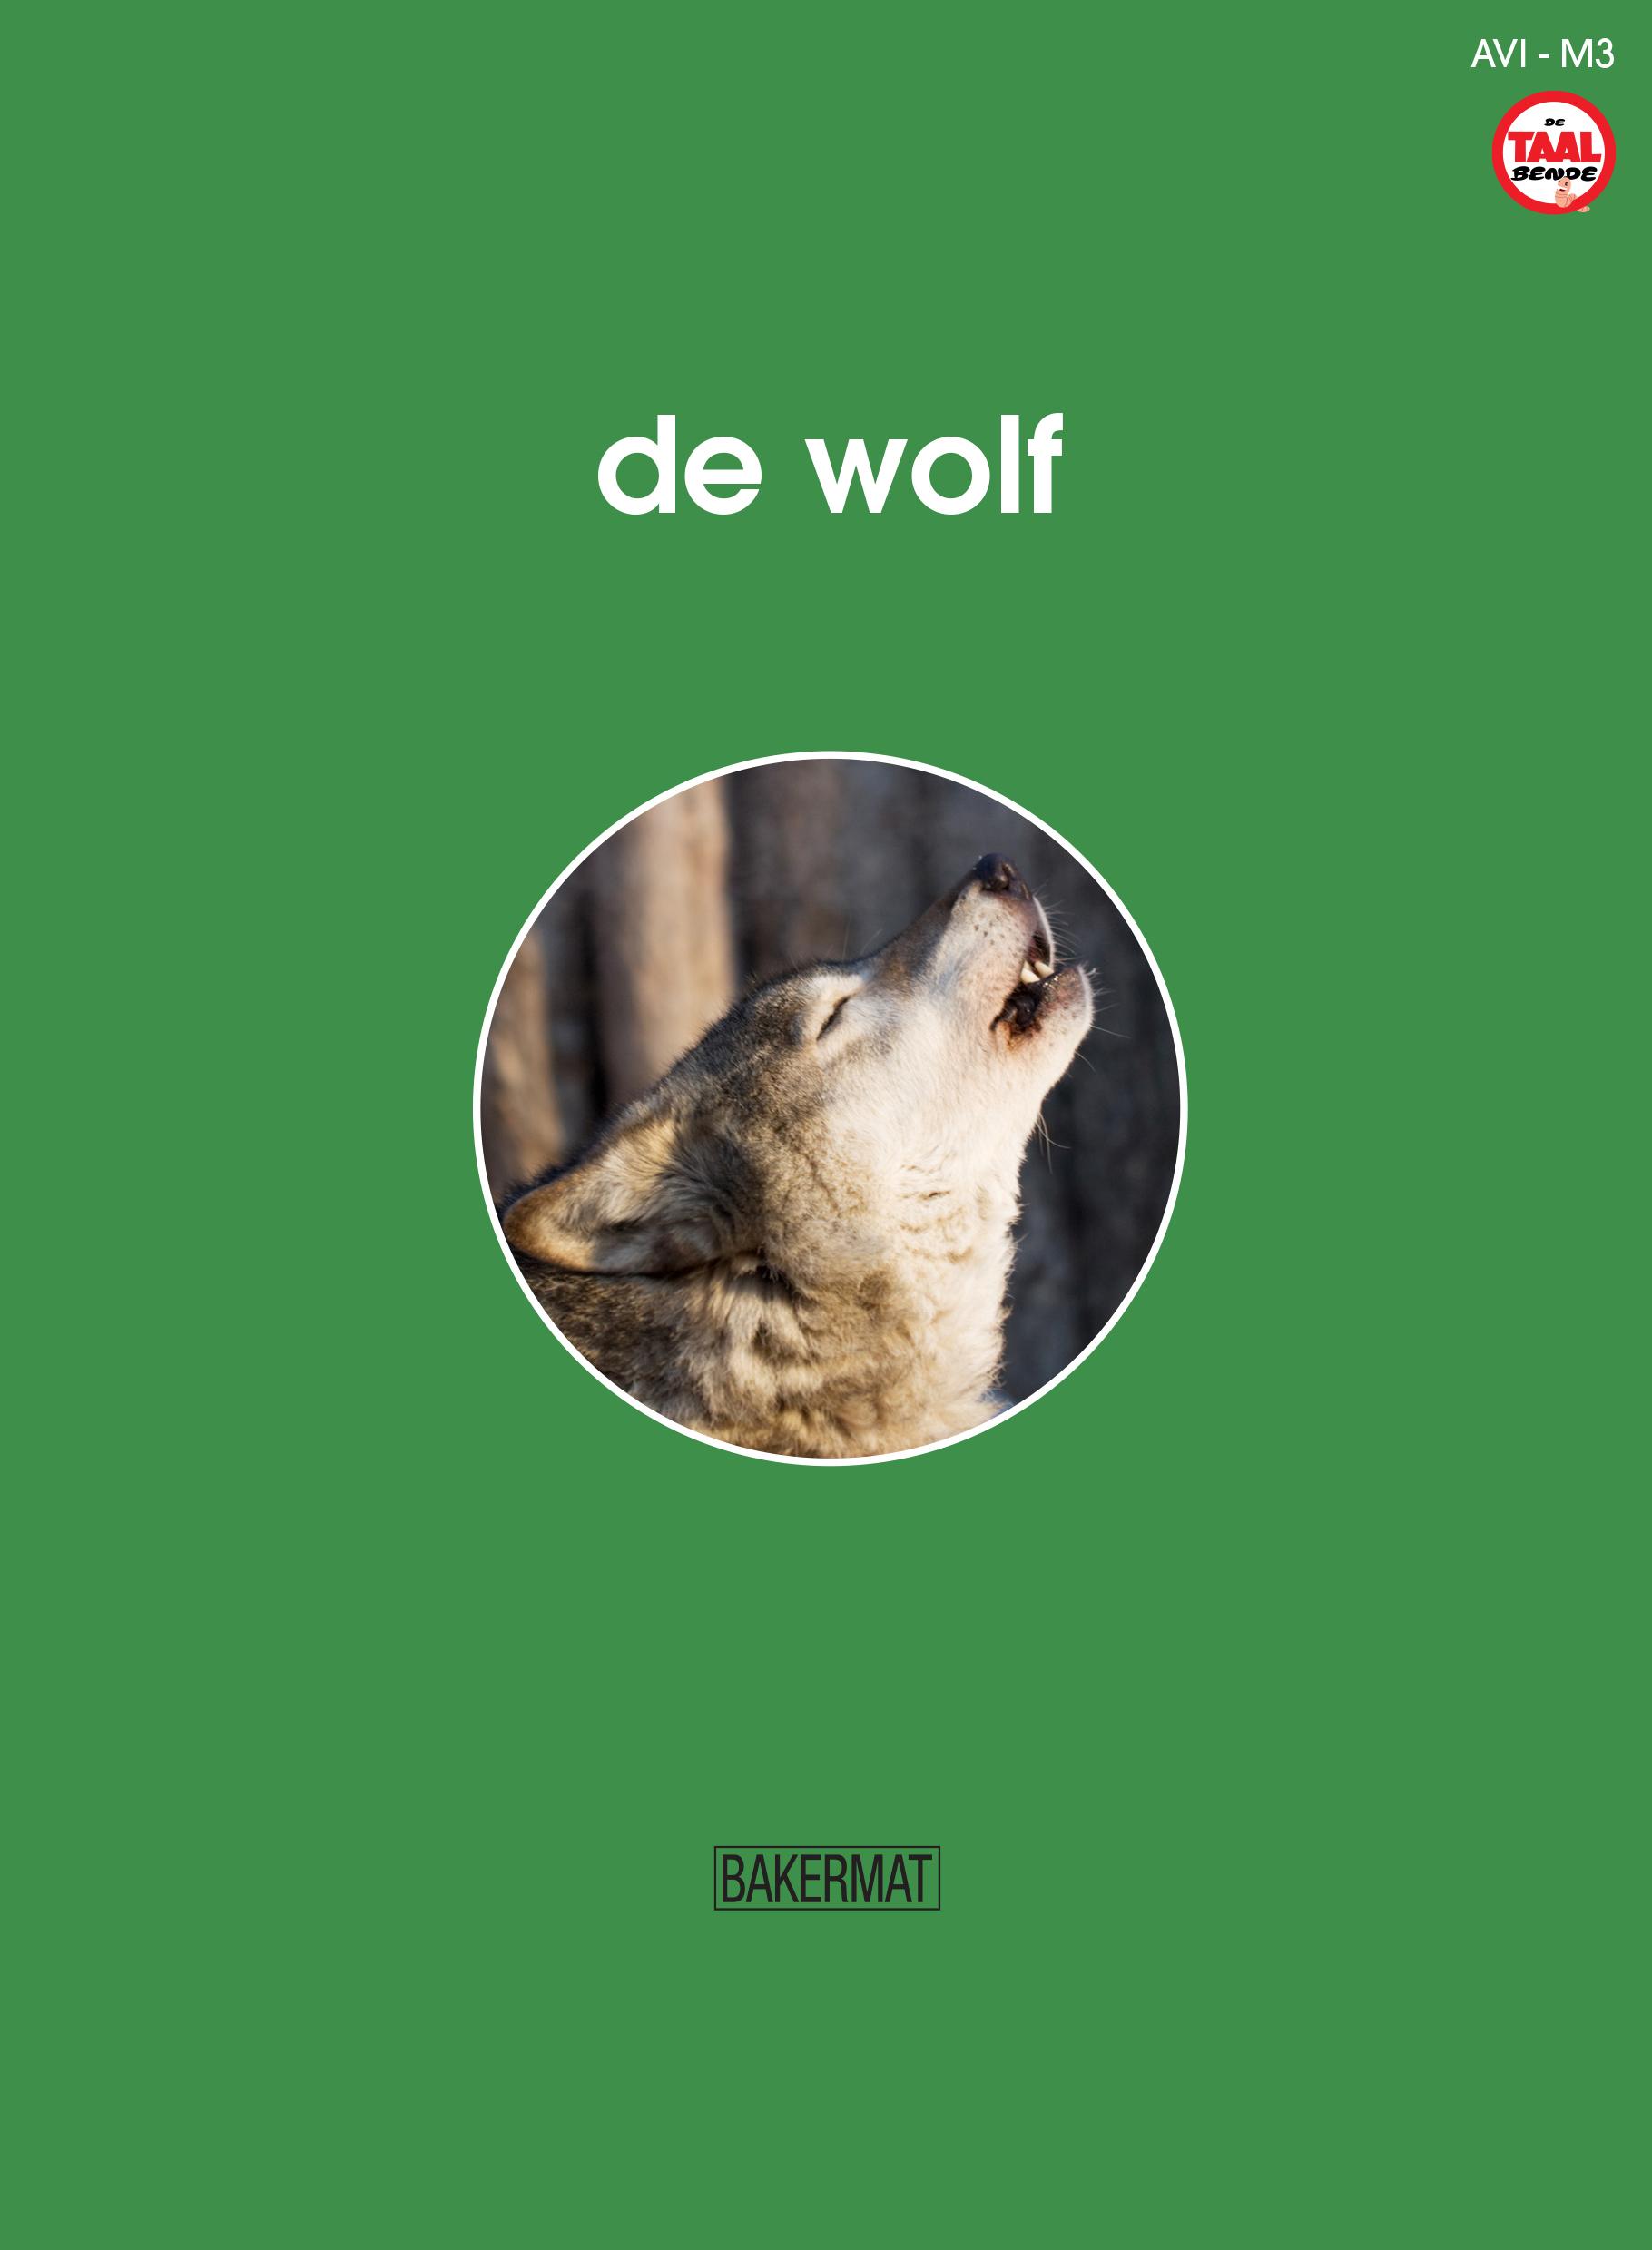 Cover de wolf (taalbende informatief)